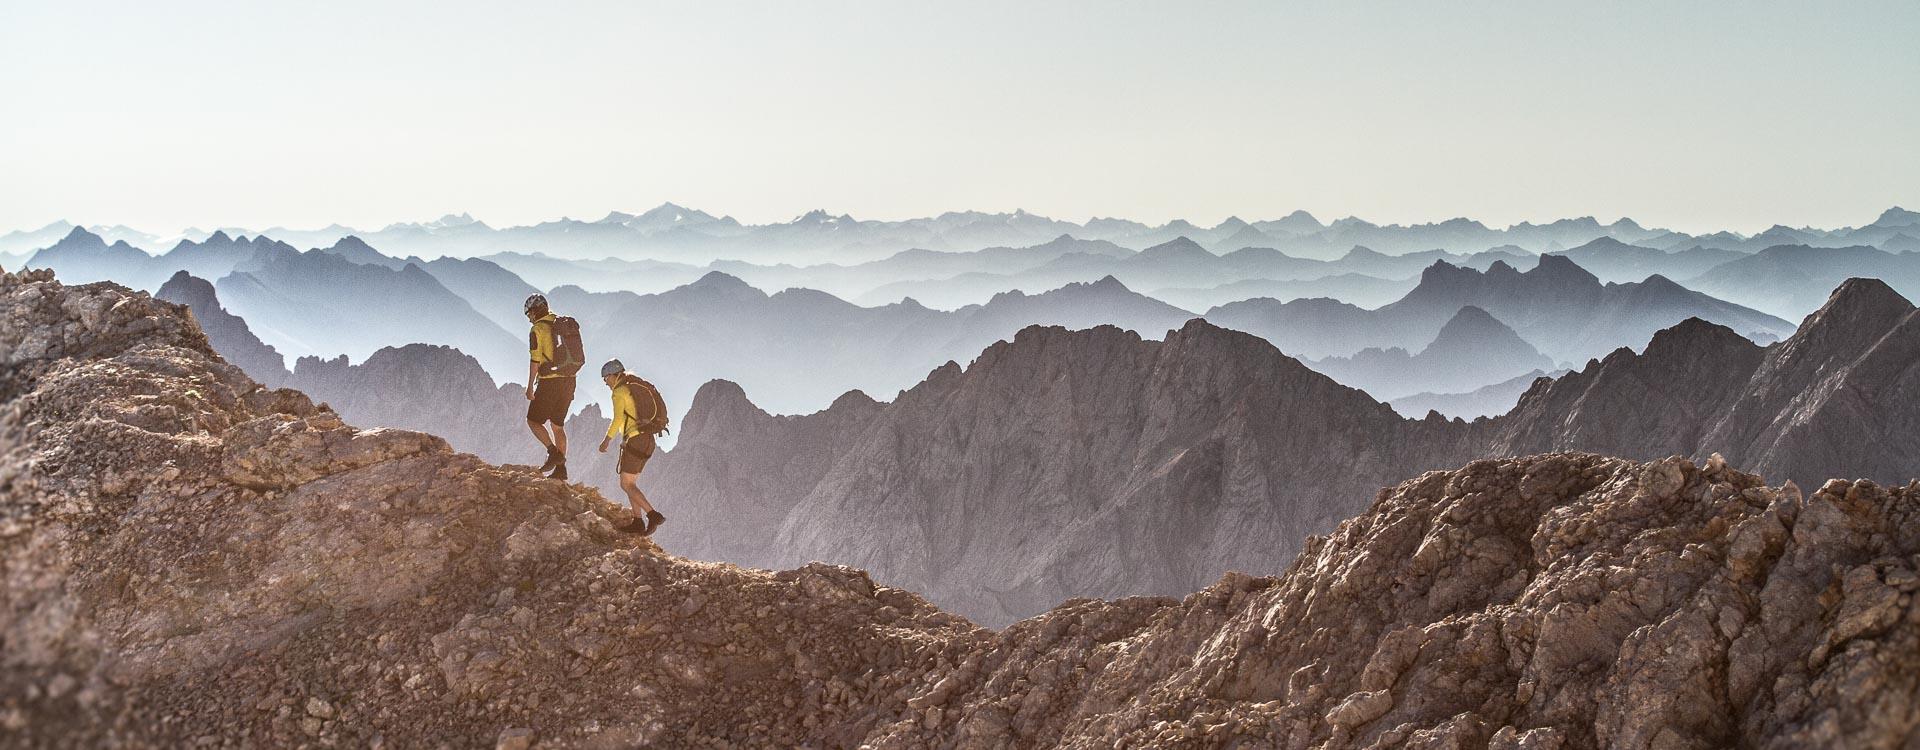 Fuehrung ueber den Jubi Grat auf die Zugspitze